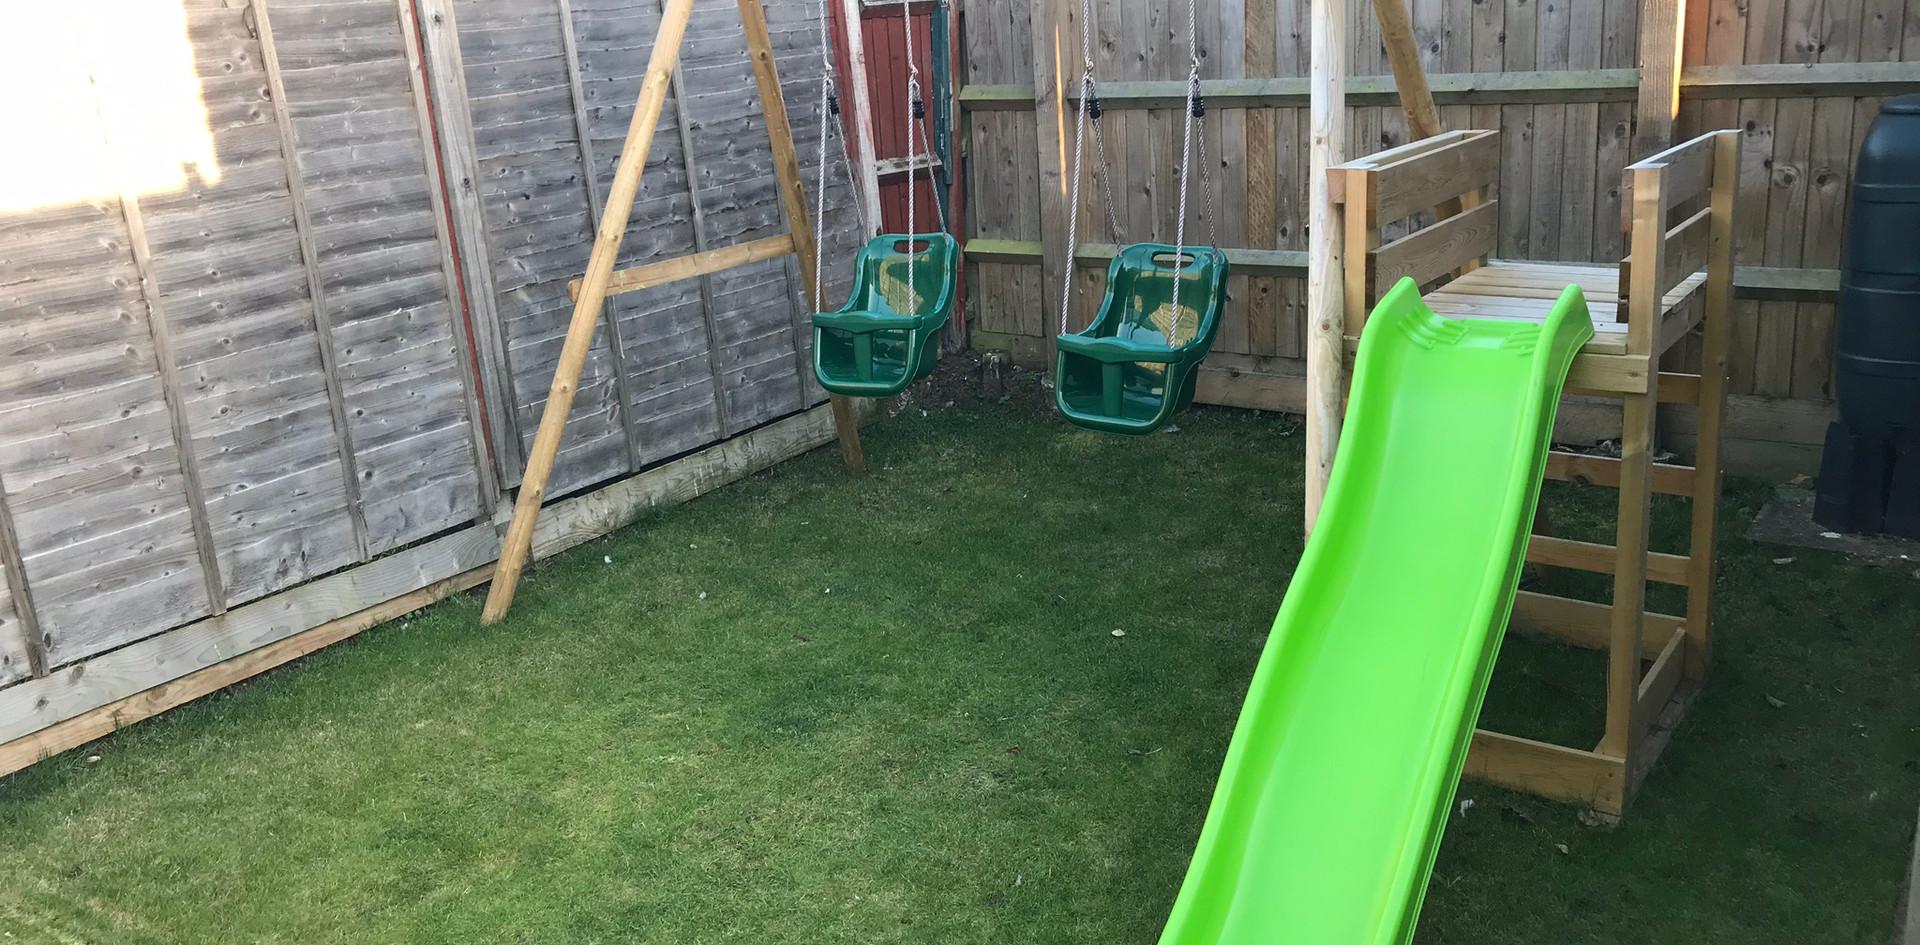 Swings and Slide set